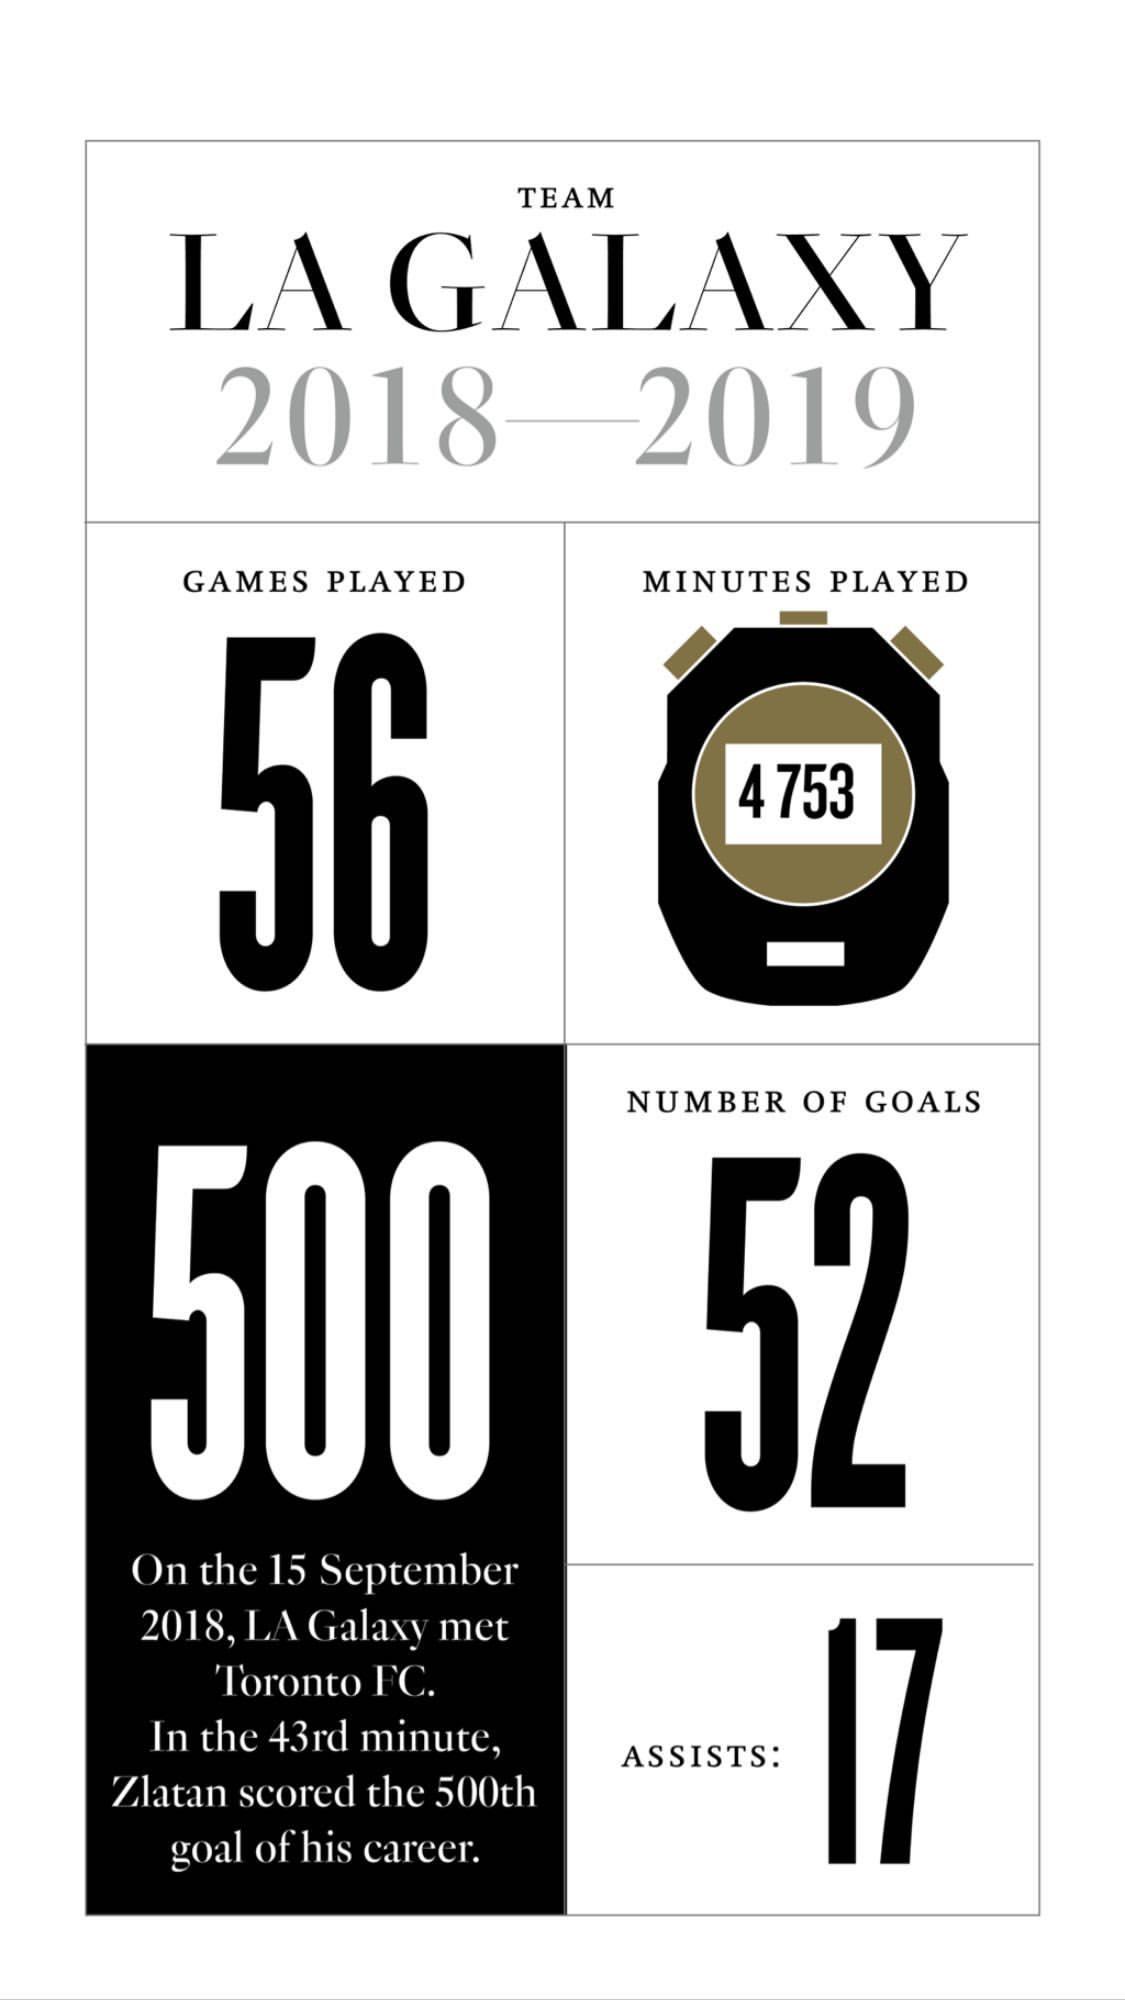 Златистика: интересные цифры Златана Ибрагимовича (Фото) - изображение 9